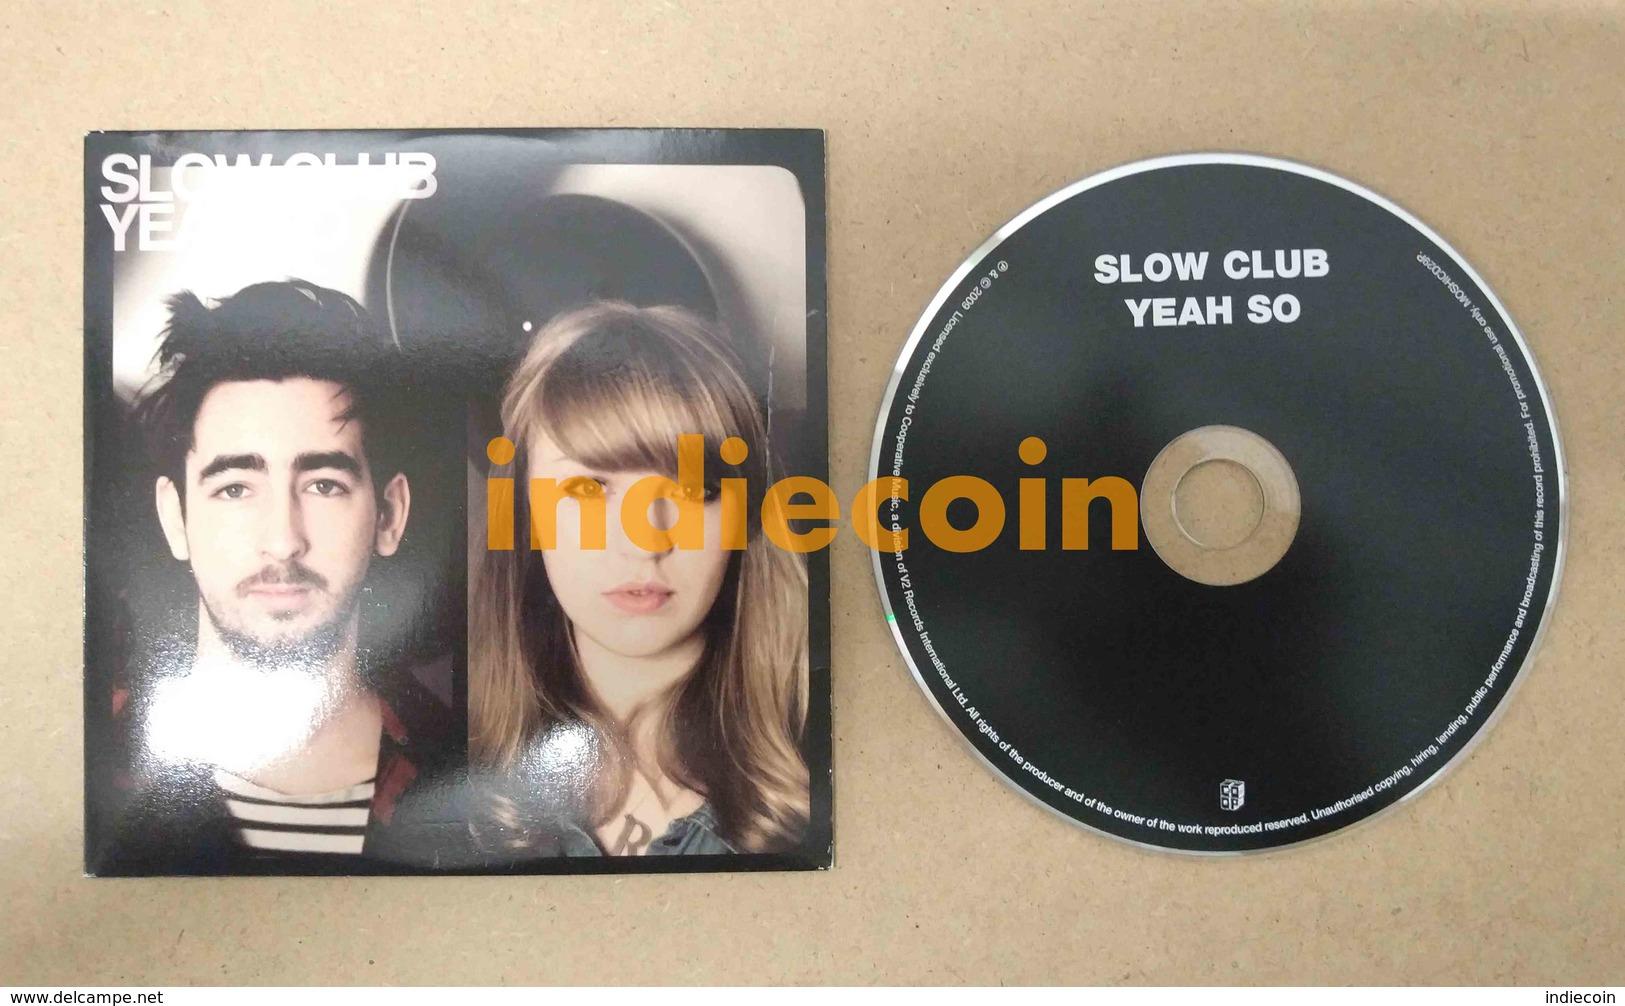 SLOW CLUB Yeah So 2009 UK CD LP Promo Cardsleeve - Unclassified